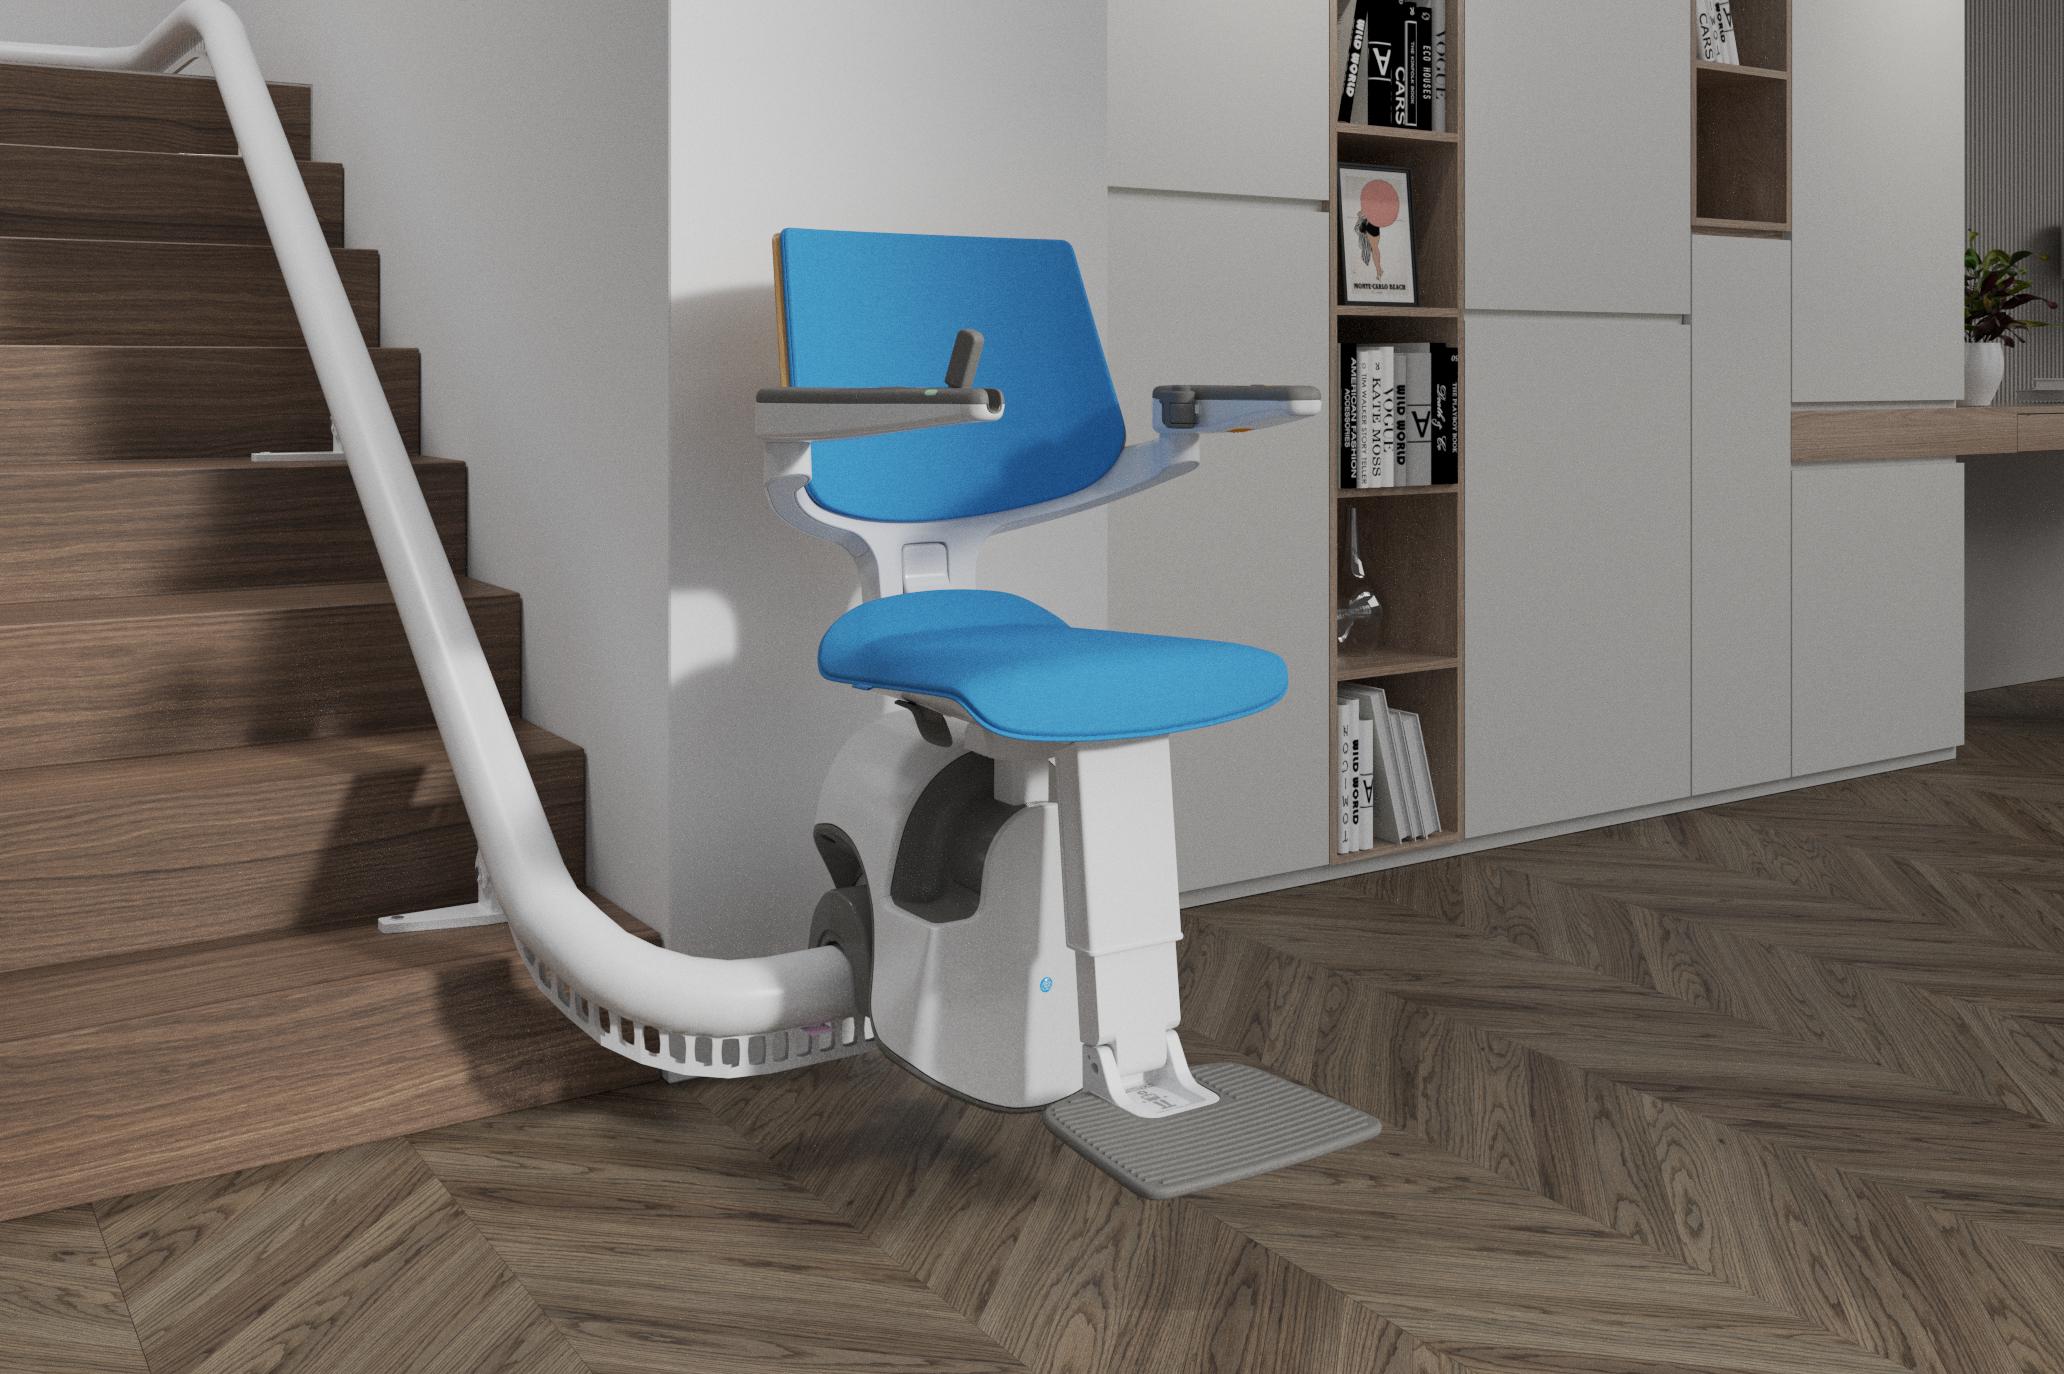 Thyssenkrupp Home Solutions